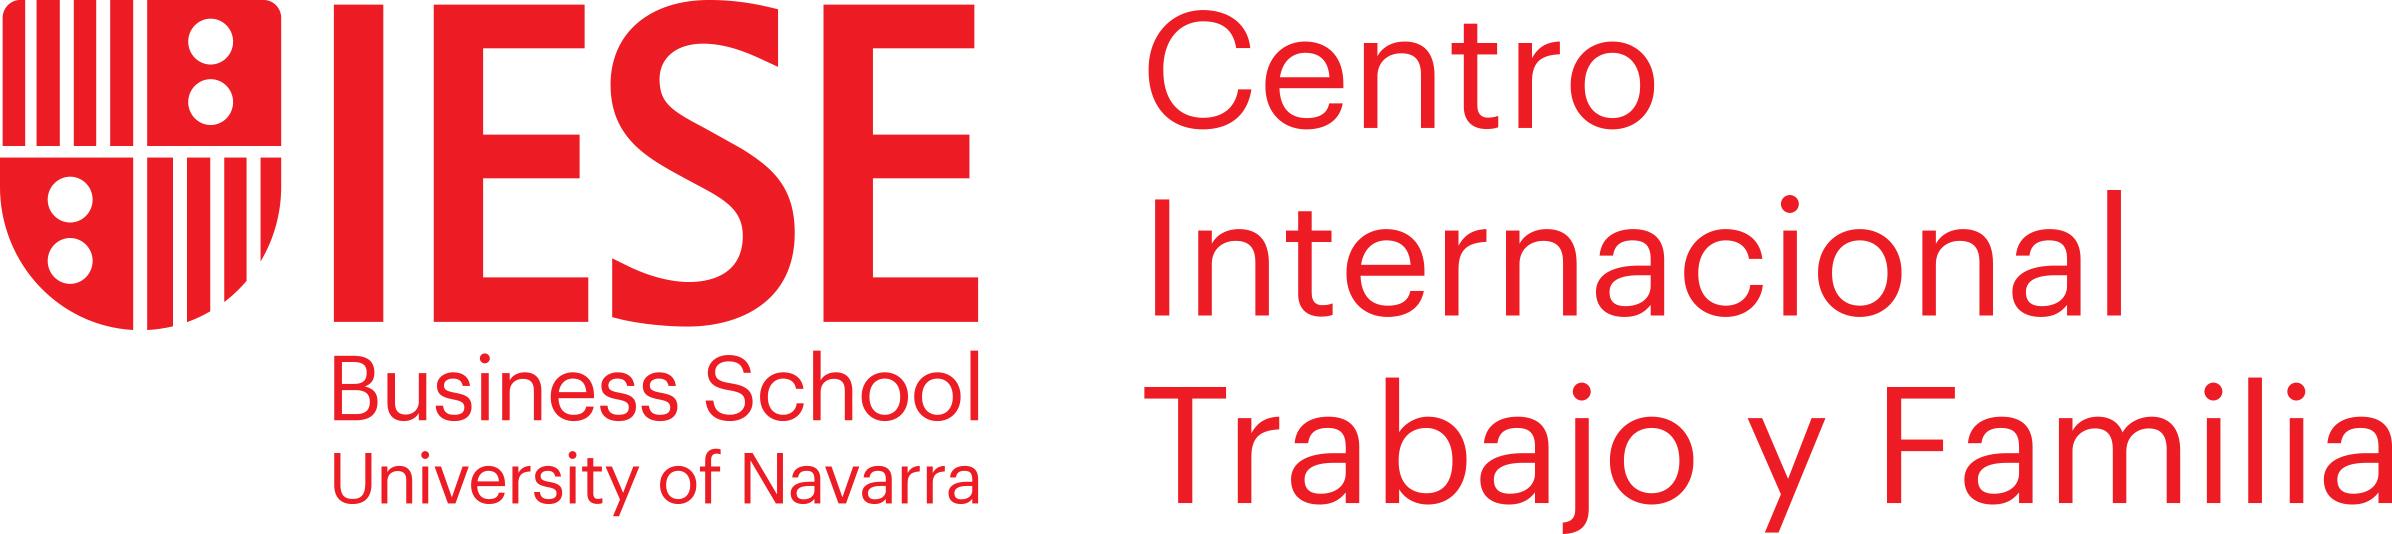 IESE-ICWF1-centro-castR